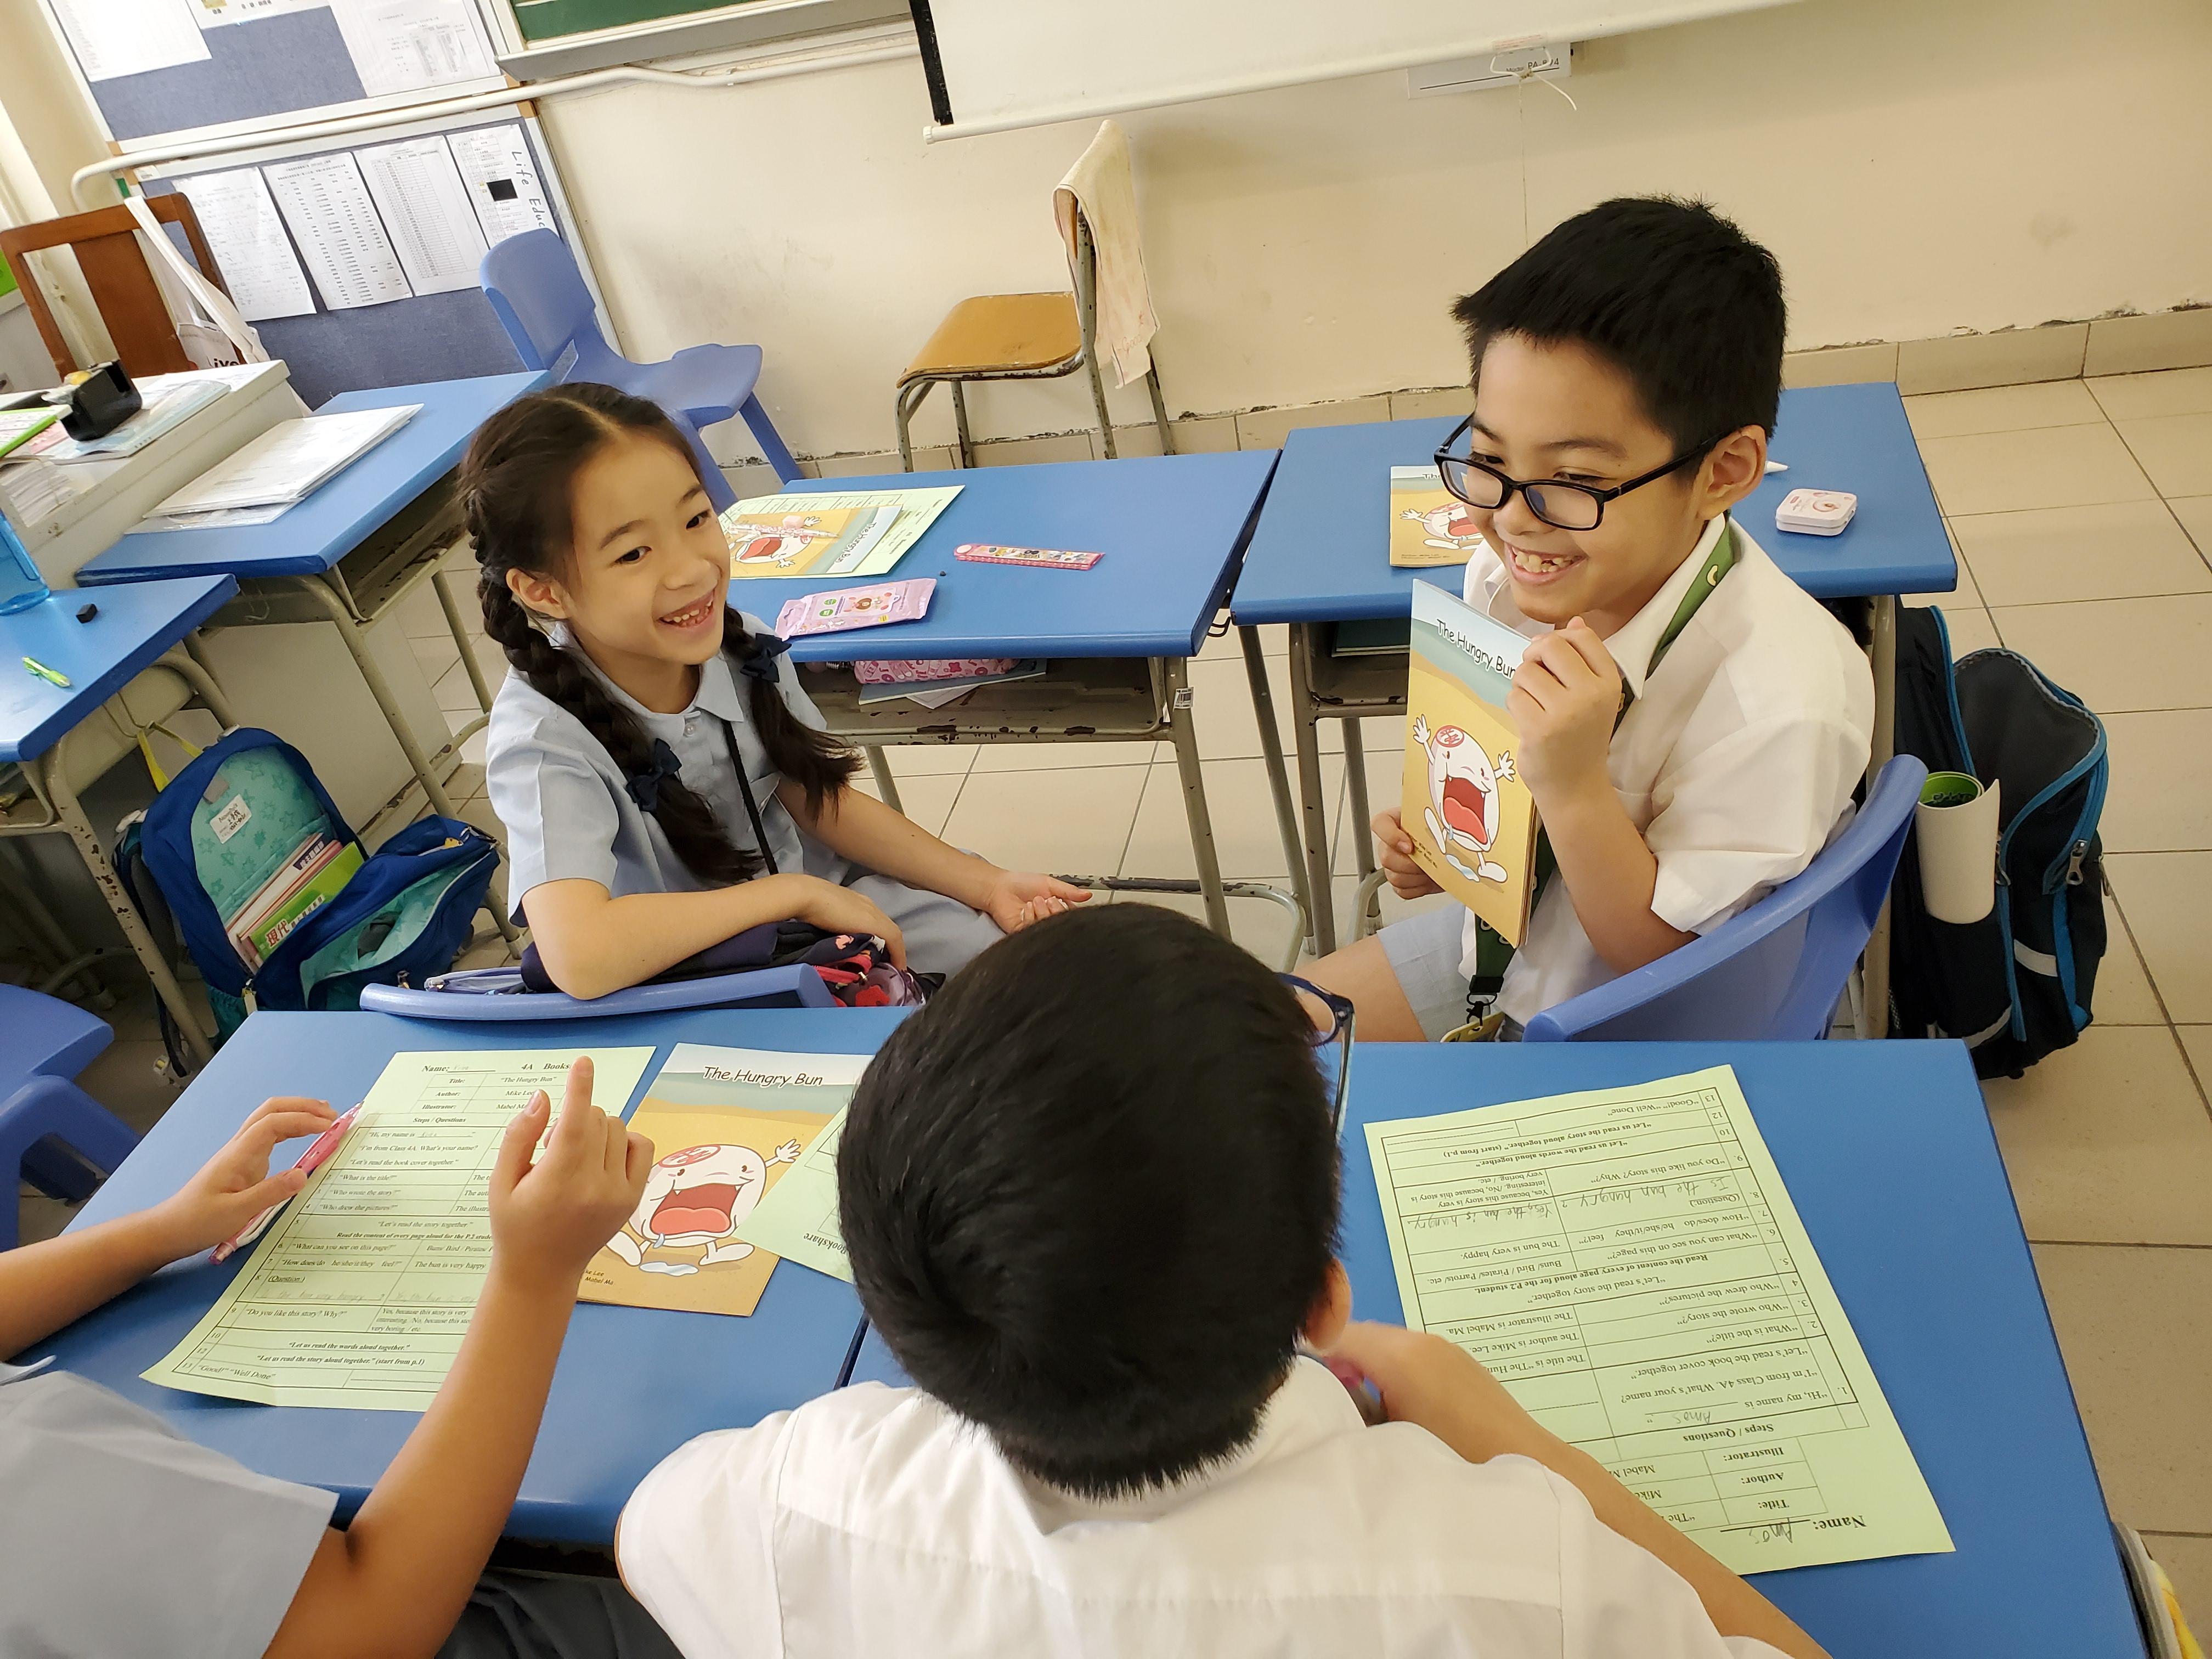 http://www.keiwan.edu.hk/sites/default/files/21_2.jpg